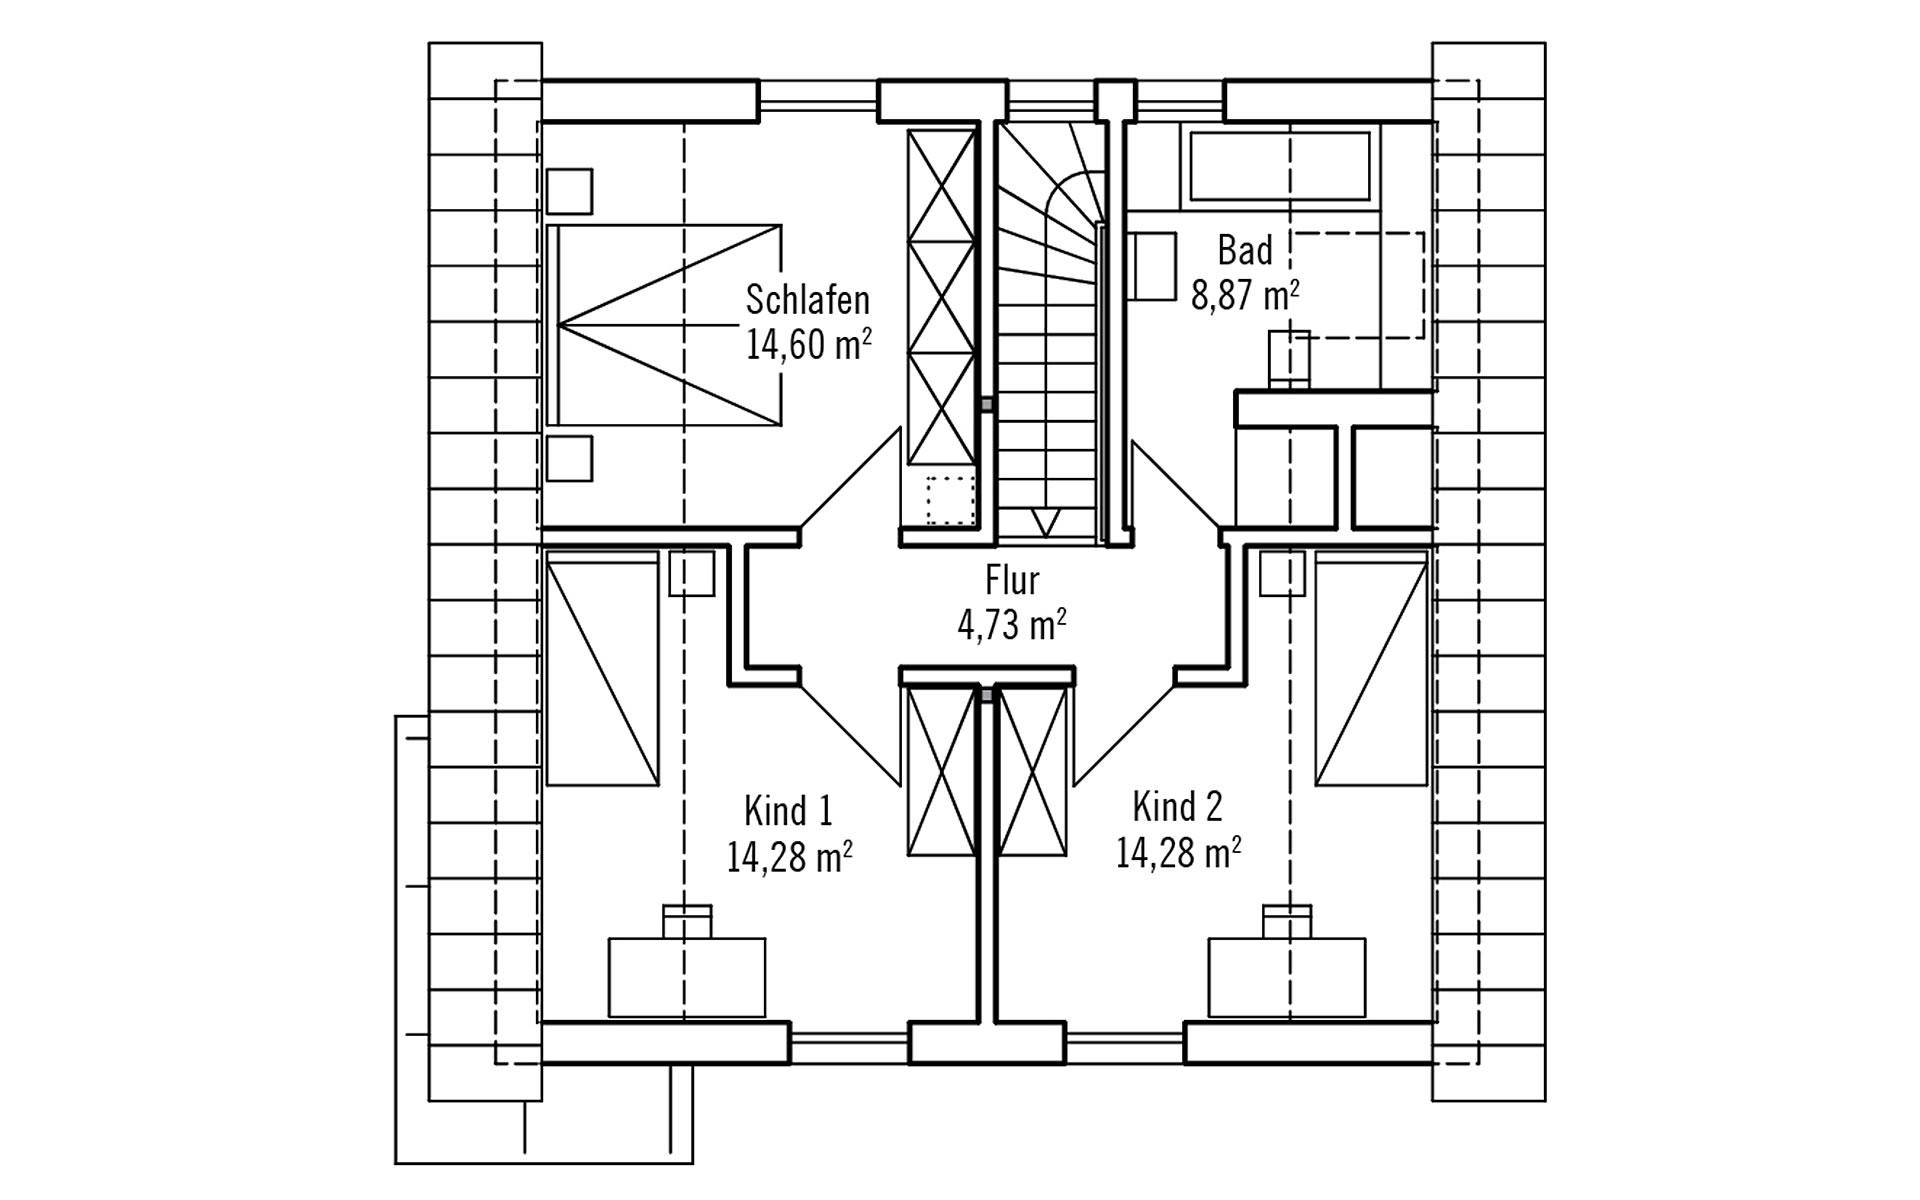 Dachgeschoss PlanMit: Klassisch & Fein von Bau-Fritz GmbH & Co. KG, seit 1896